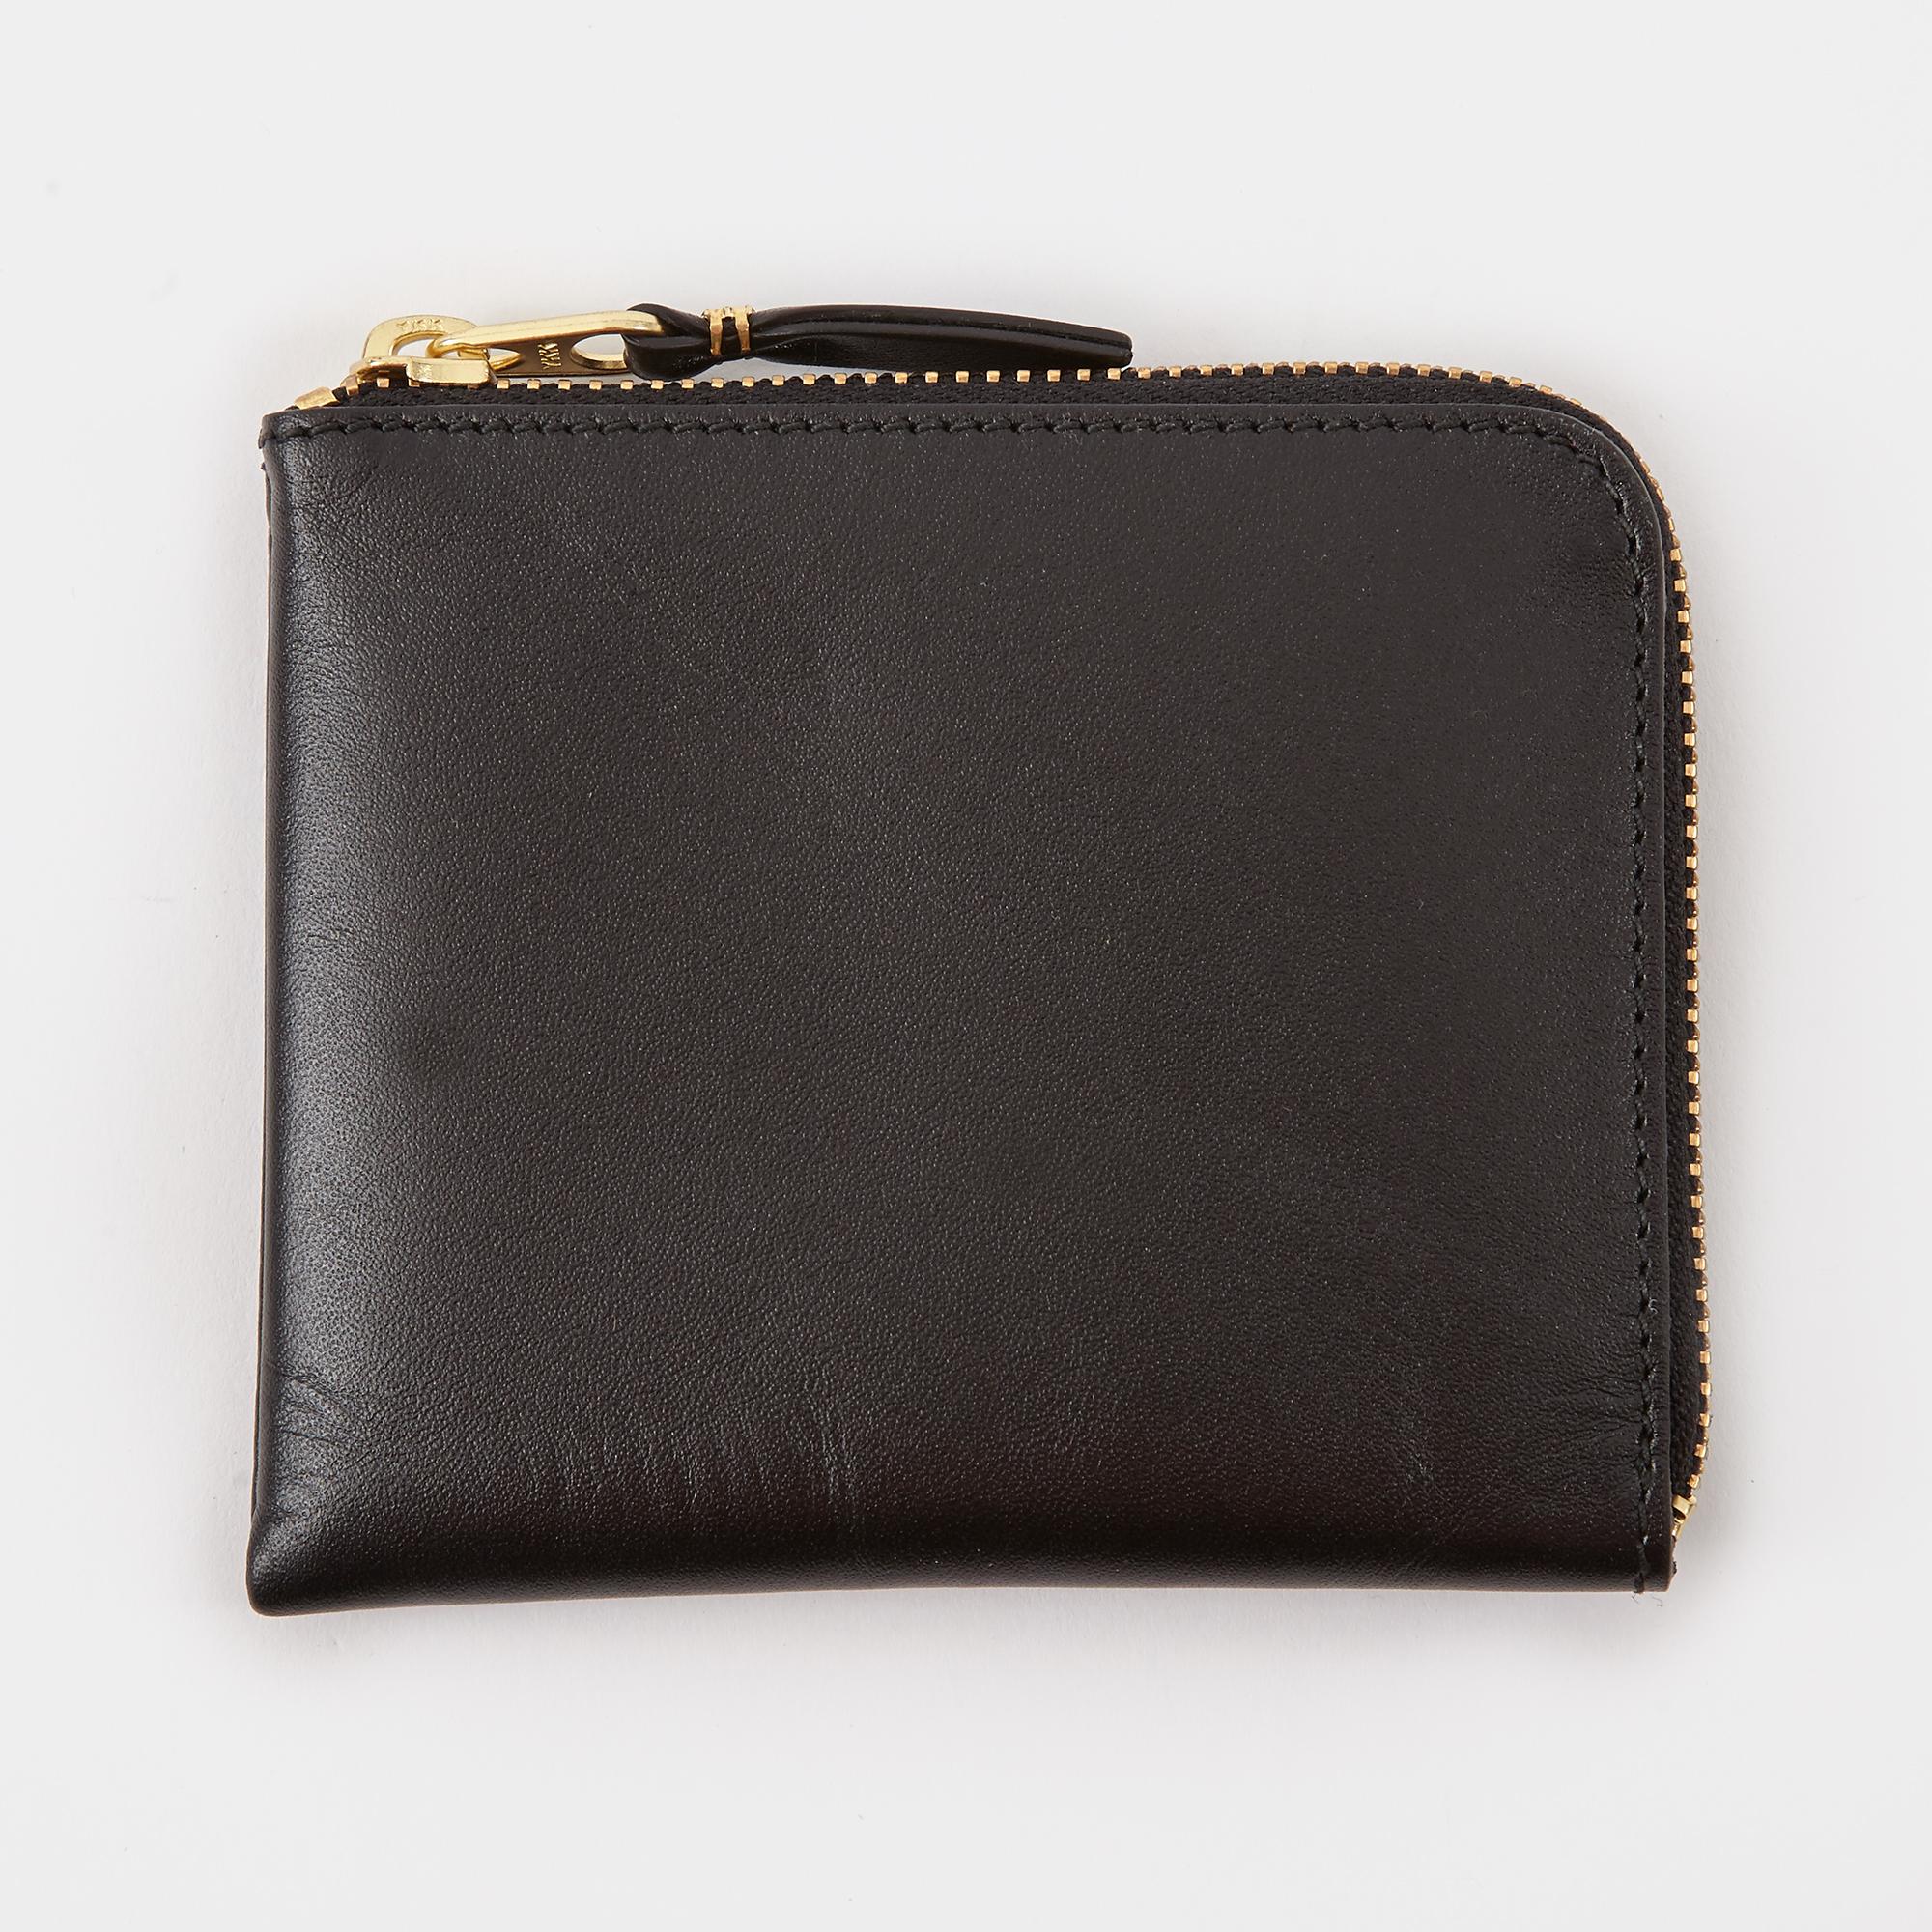 Comme De Garcons Wallet | Comme Des Garcons Leather Wallet | Comme Des Garcons Embossed Wallet